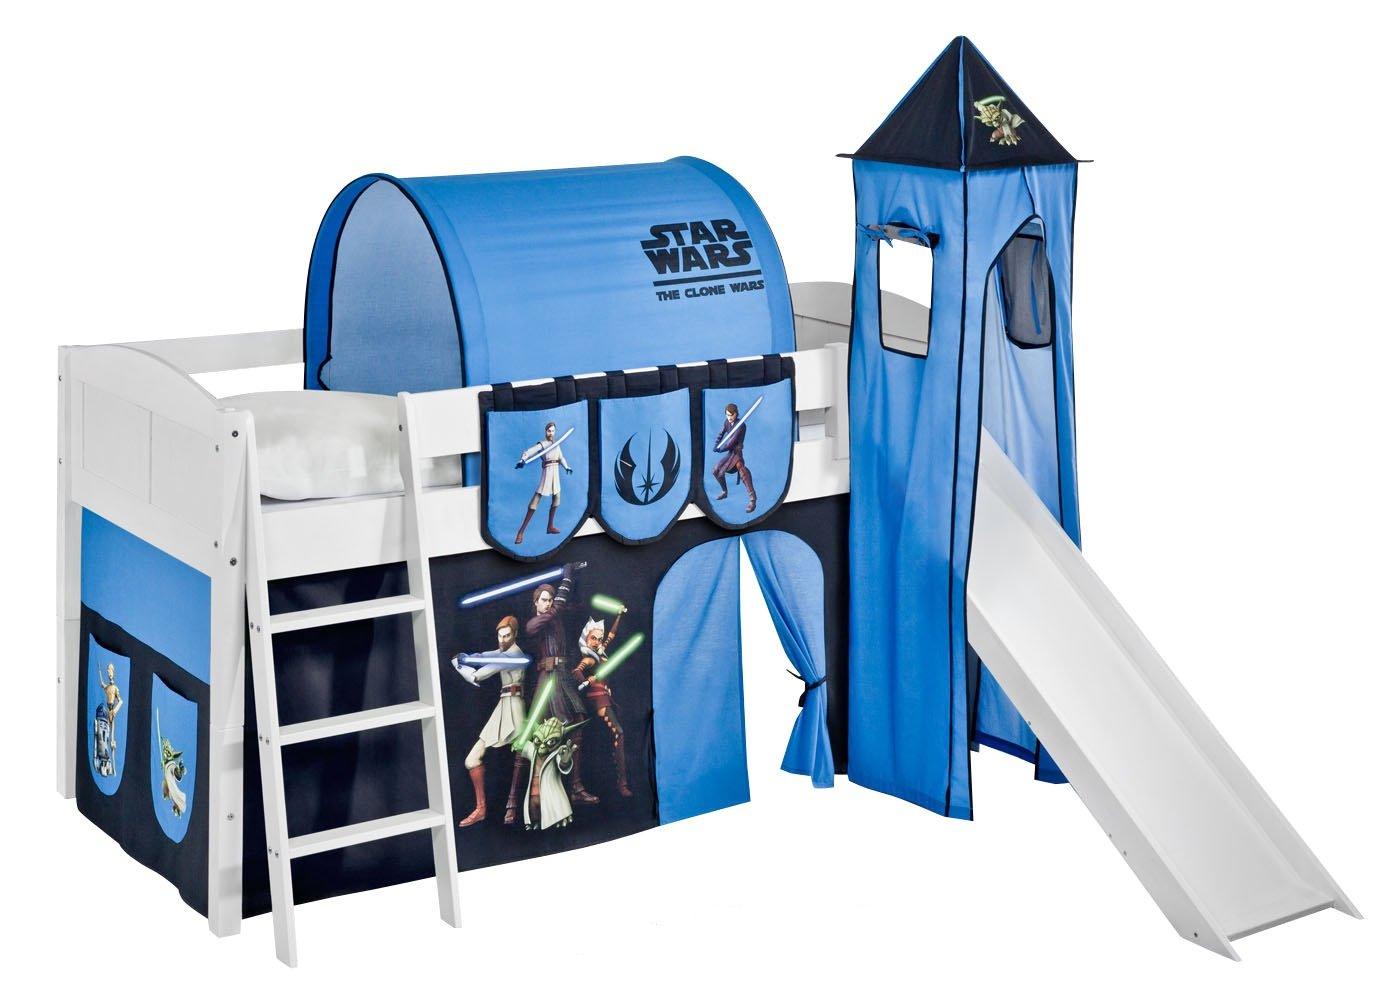 Lilokids Set Angebot - Spielbett IDA 4106 Star Wars The Clone Wars mit Rutsche - Teilbares Systemhochbett Weiß - mit Vorhang, Turm, Tunnel und Taschen